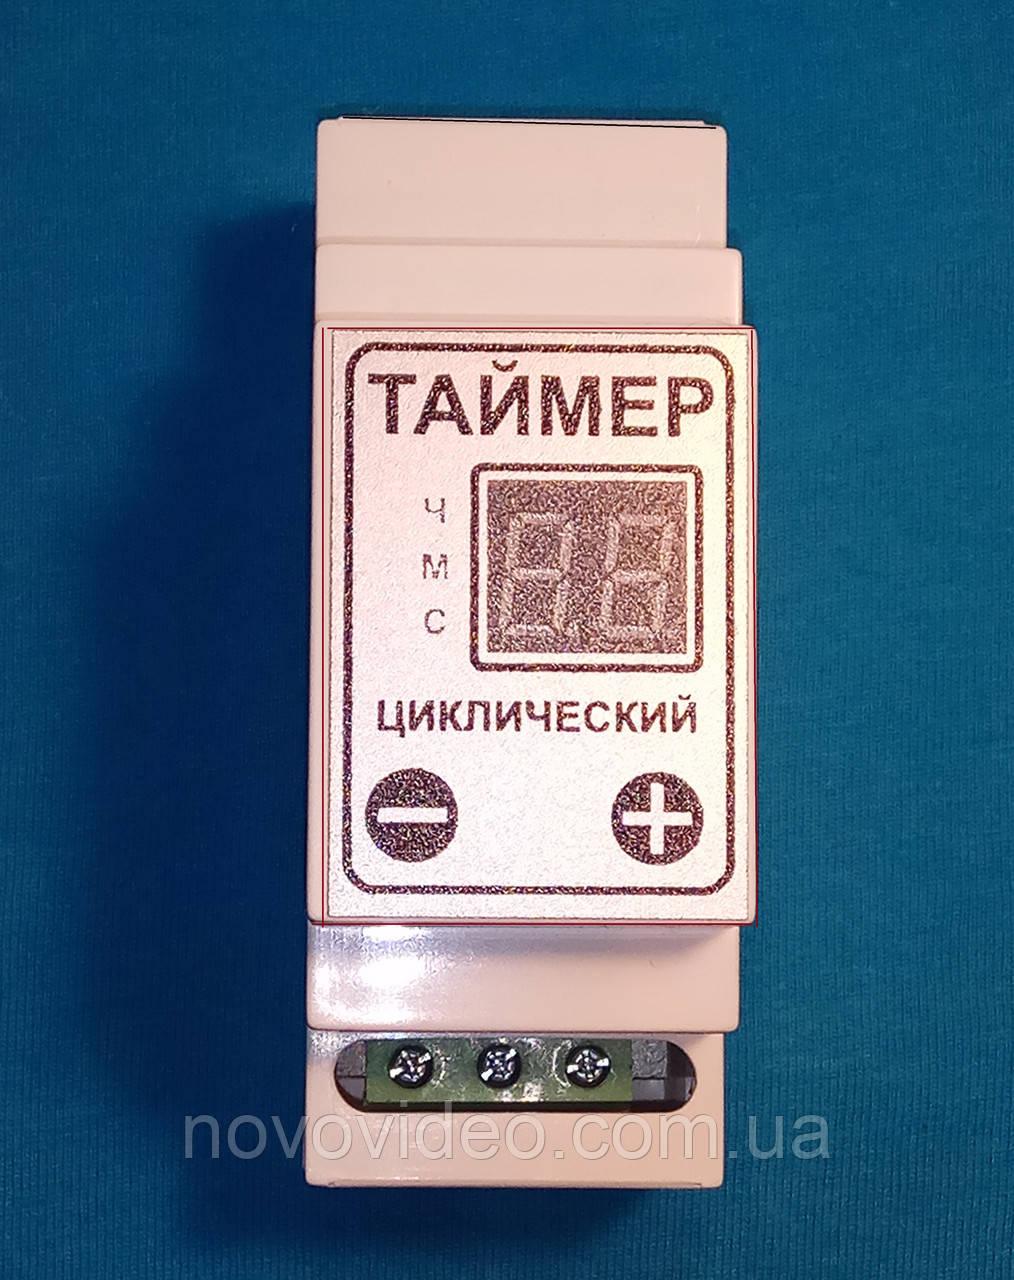 Таймер ТЦД 2 цифровой циклический на 2 кВт